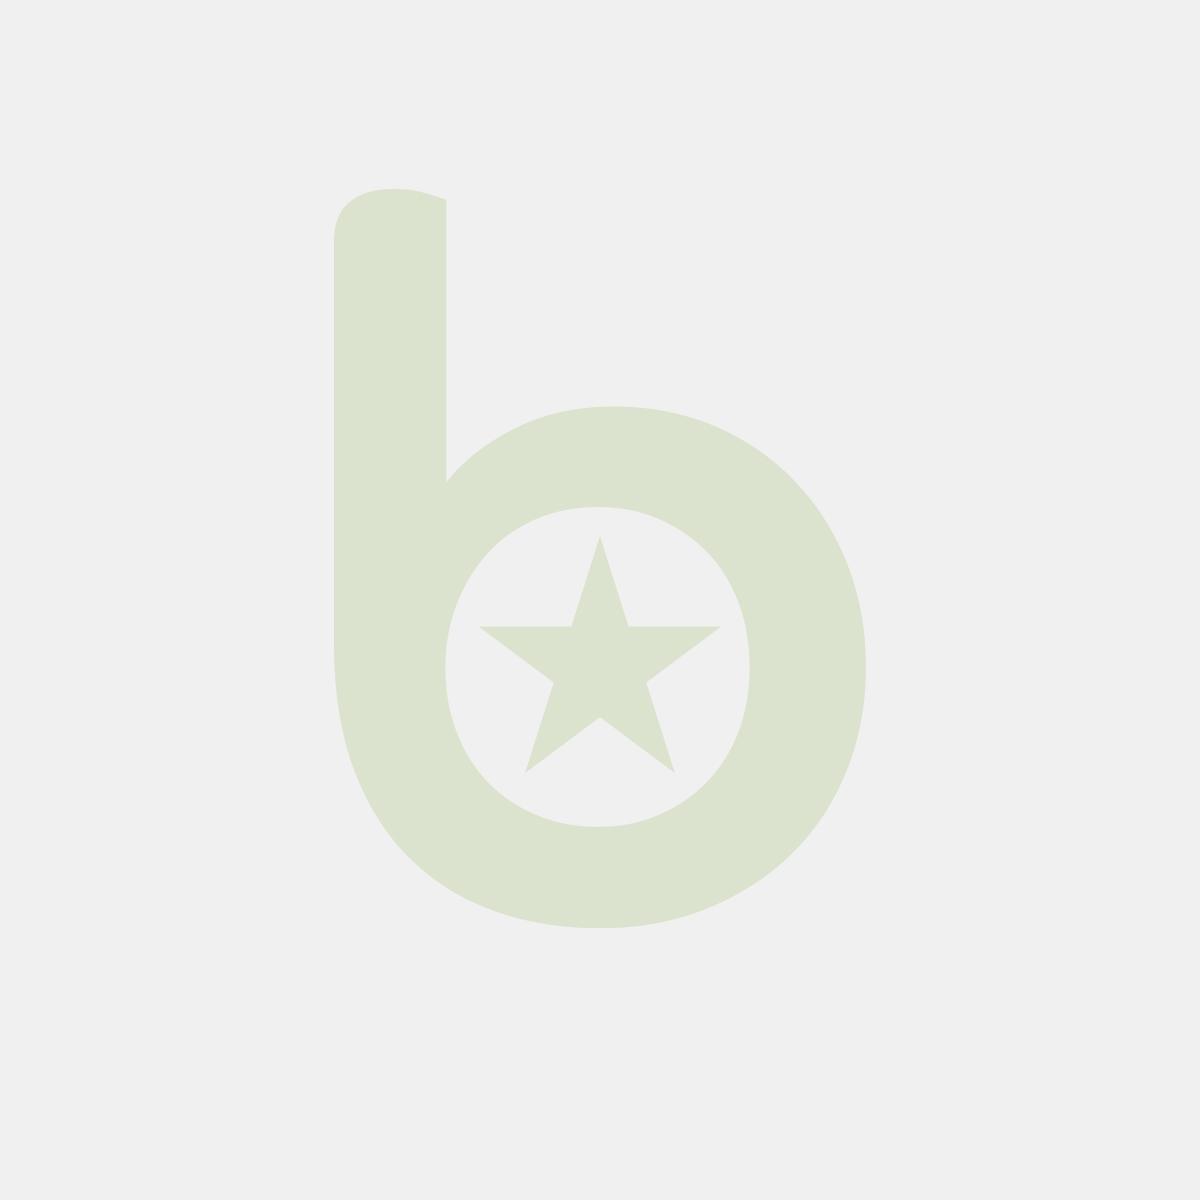 Rożek na FRYTKI, NUGGETS średni brązowy bez nadruku z miejscem na DIP, cena za opakowanie 100szt